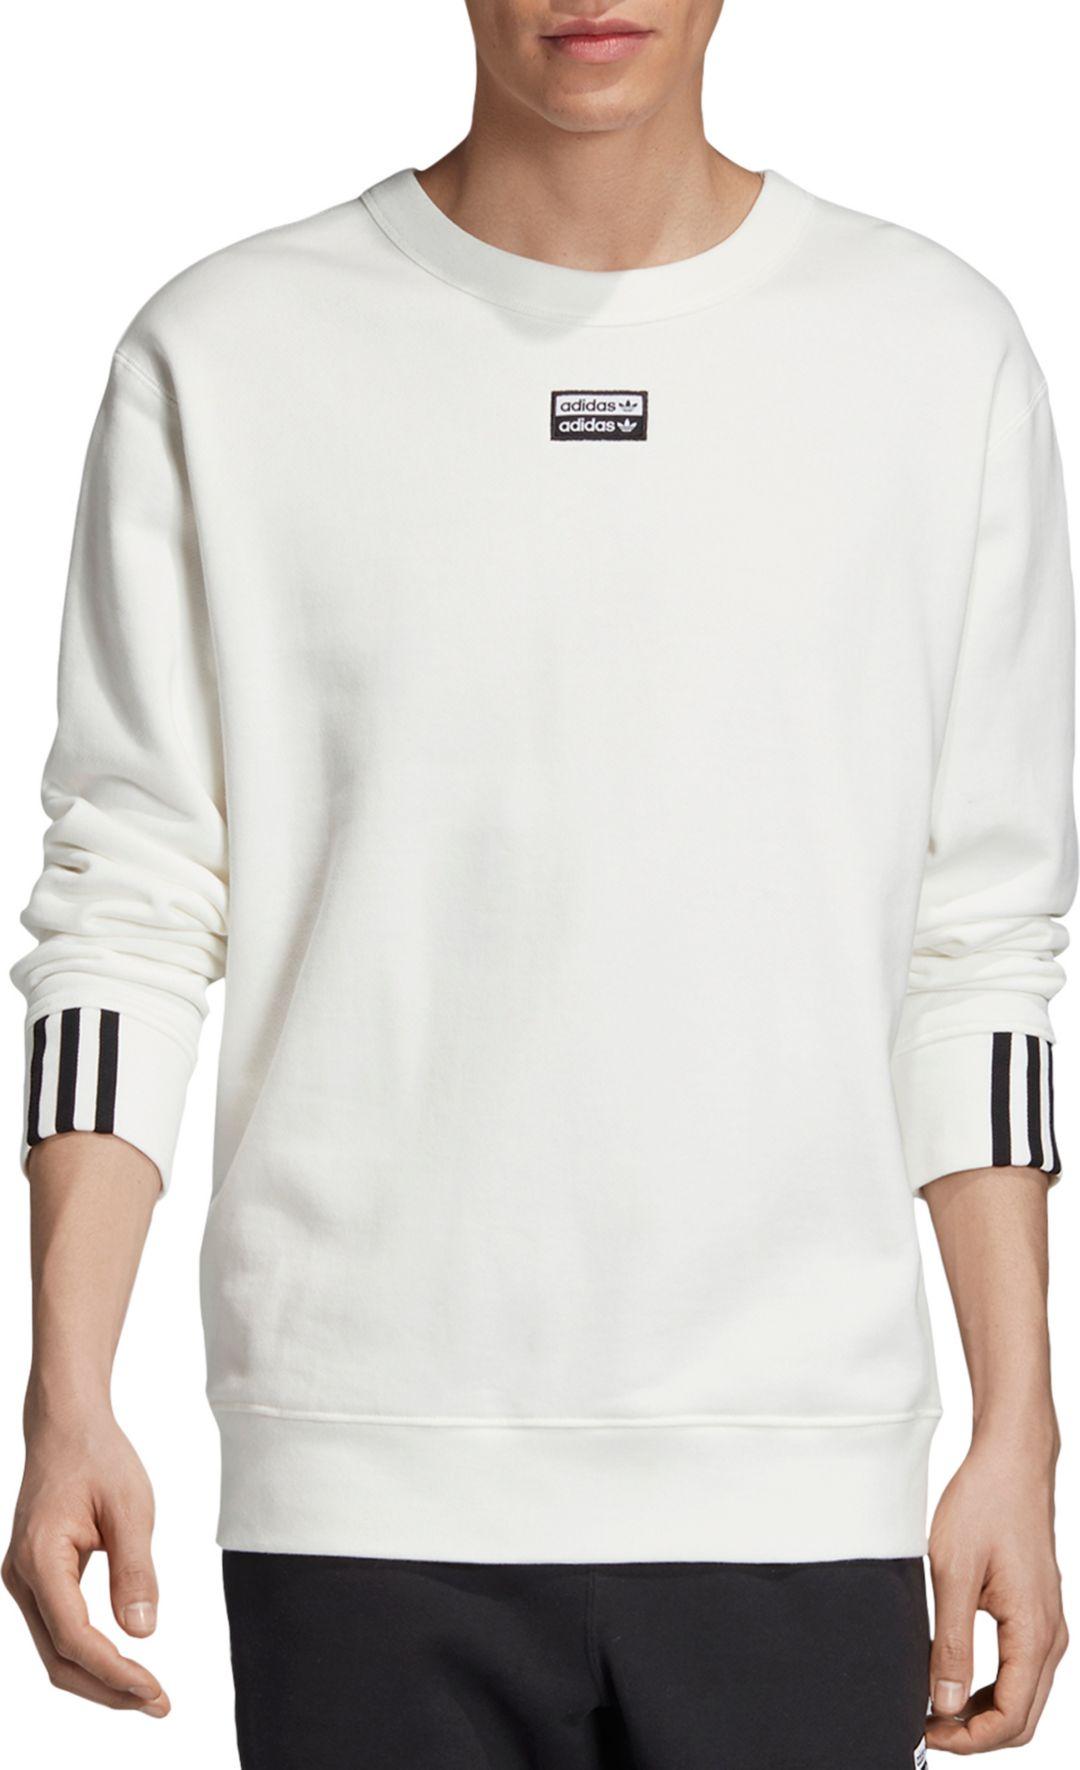 discount top quality sneakers adidas Originals Men's RYV Crew Sweatshirt